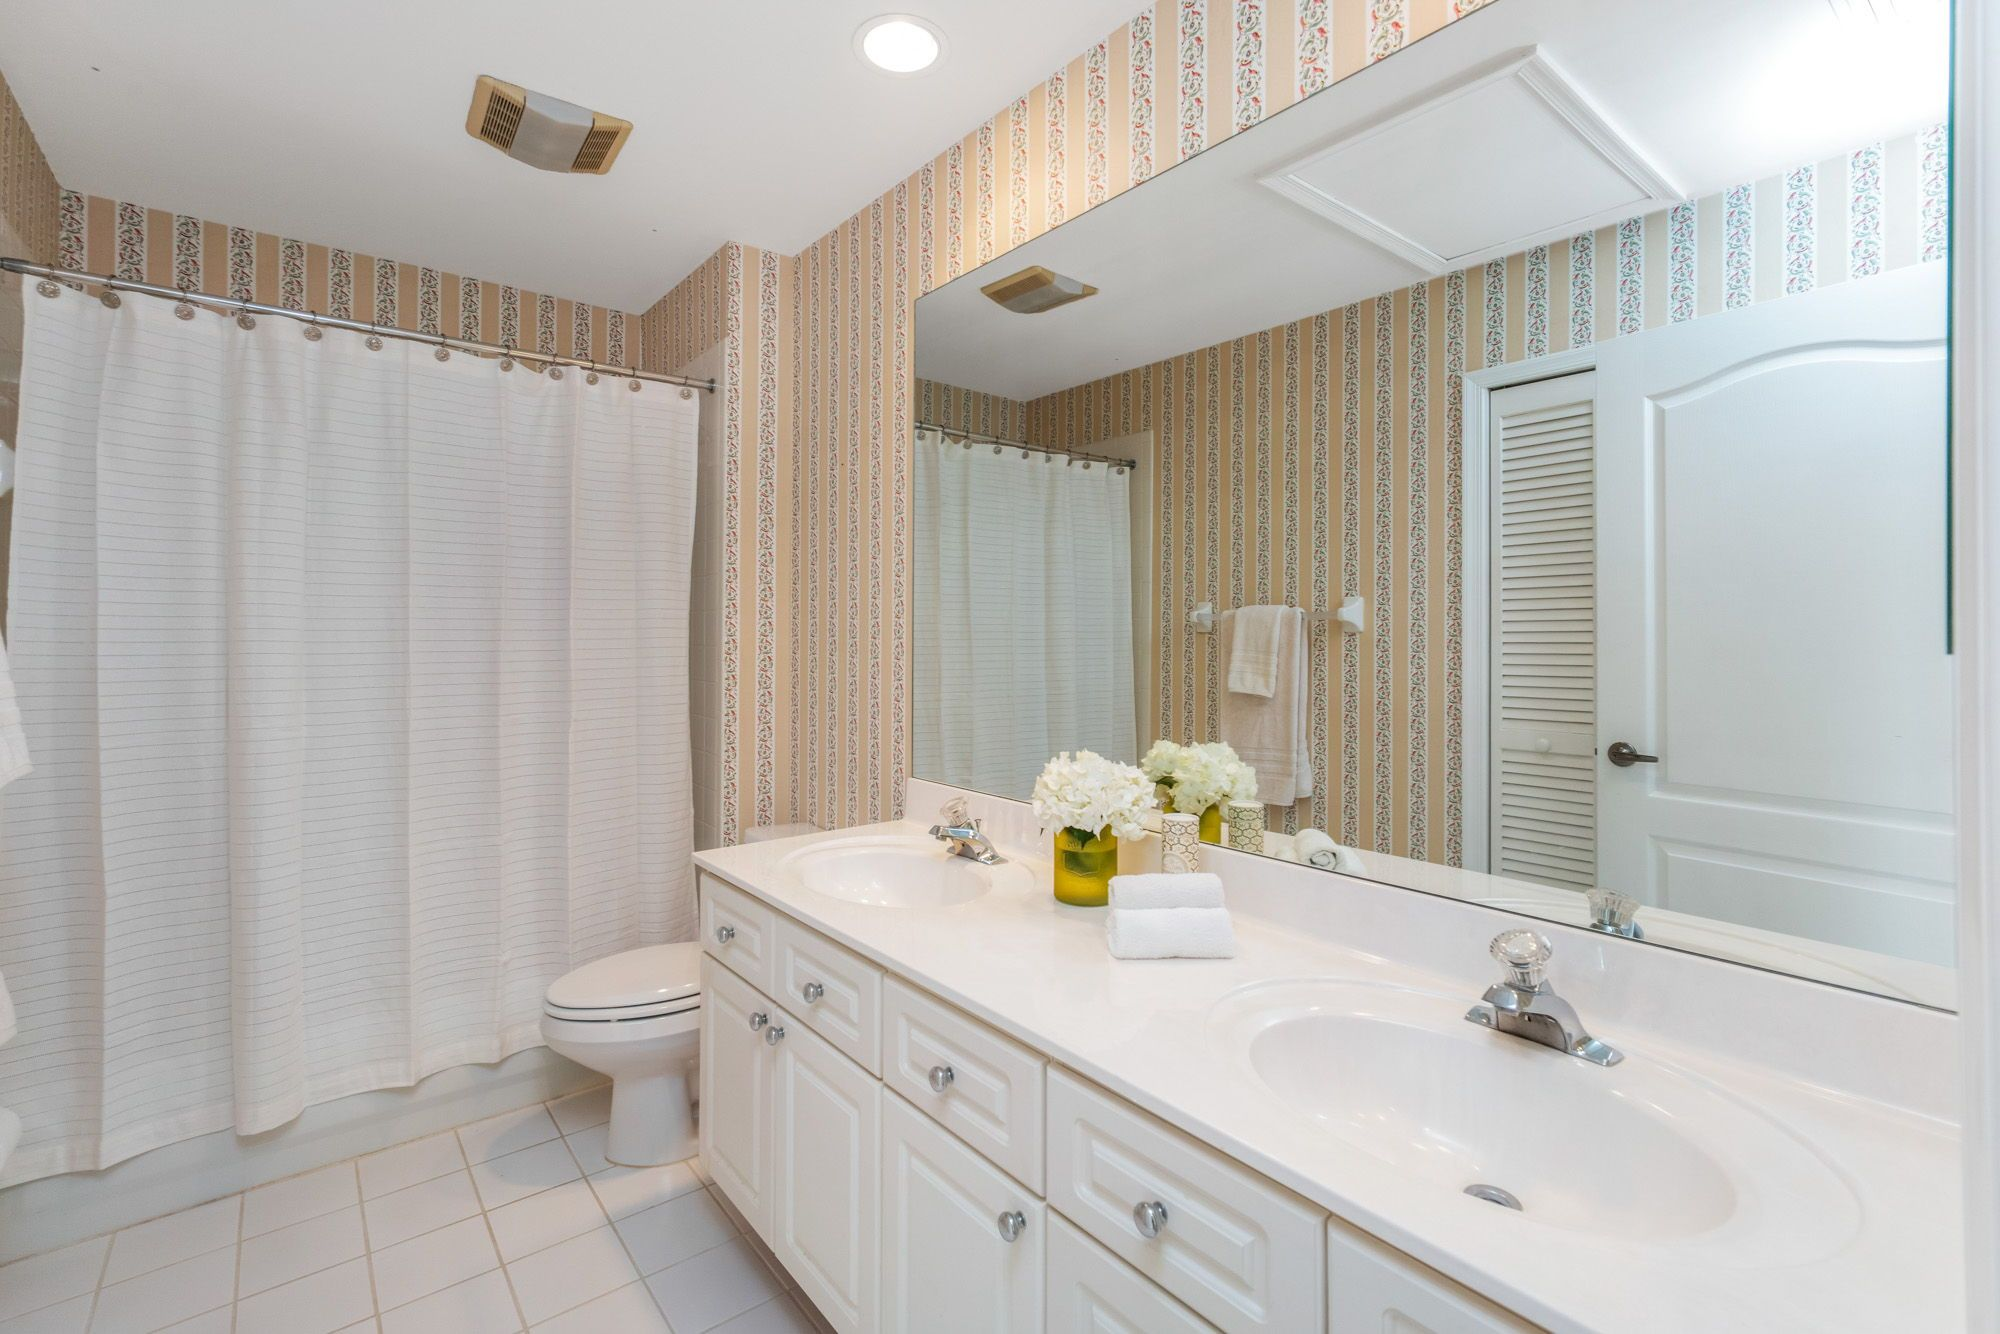 Bathroom Bathroomdecor Bathroomideas Bathroom Floridahomes